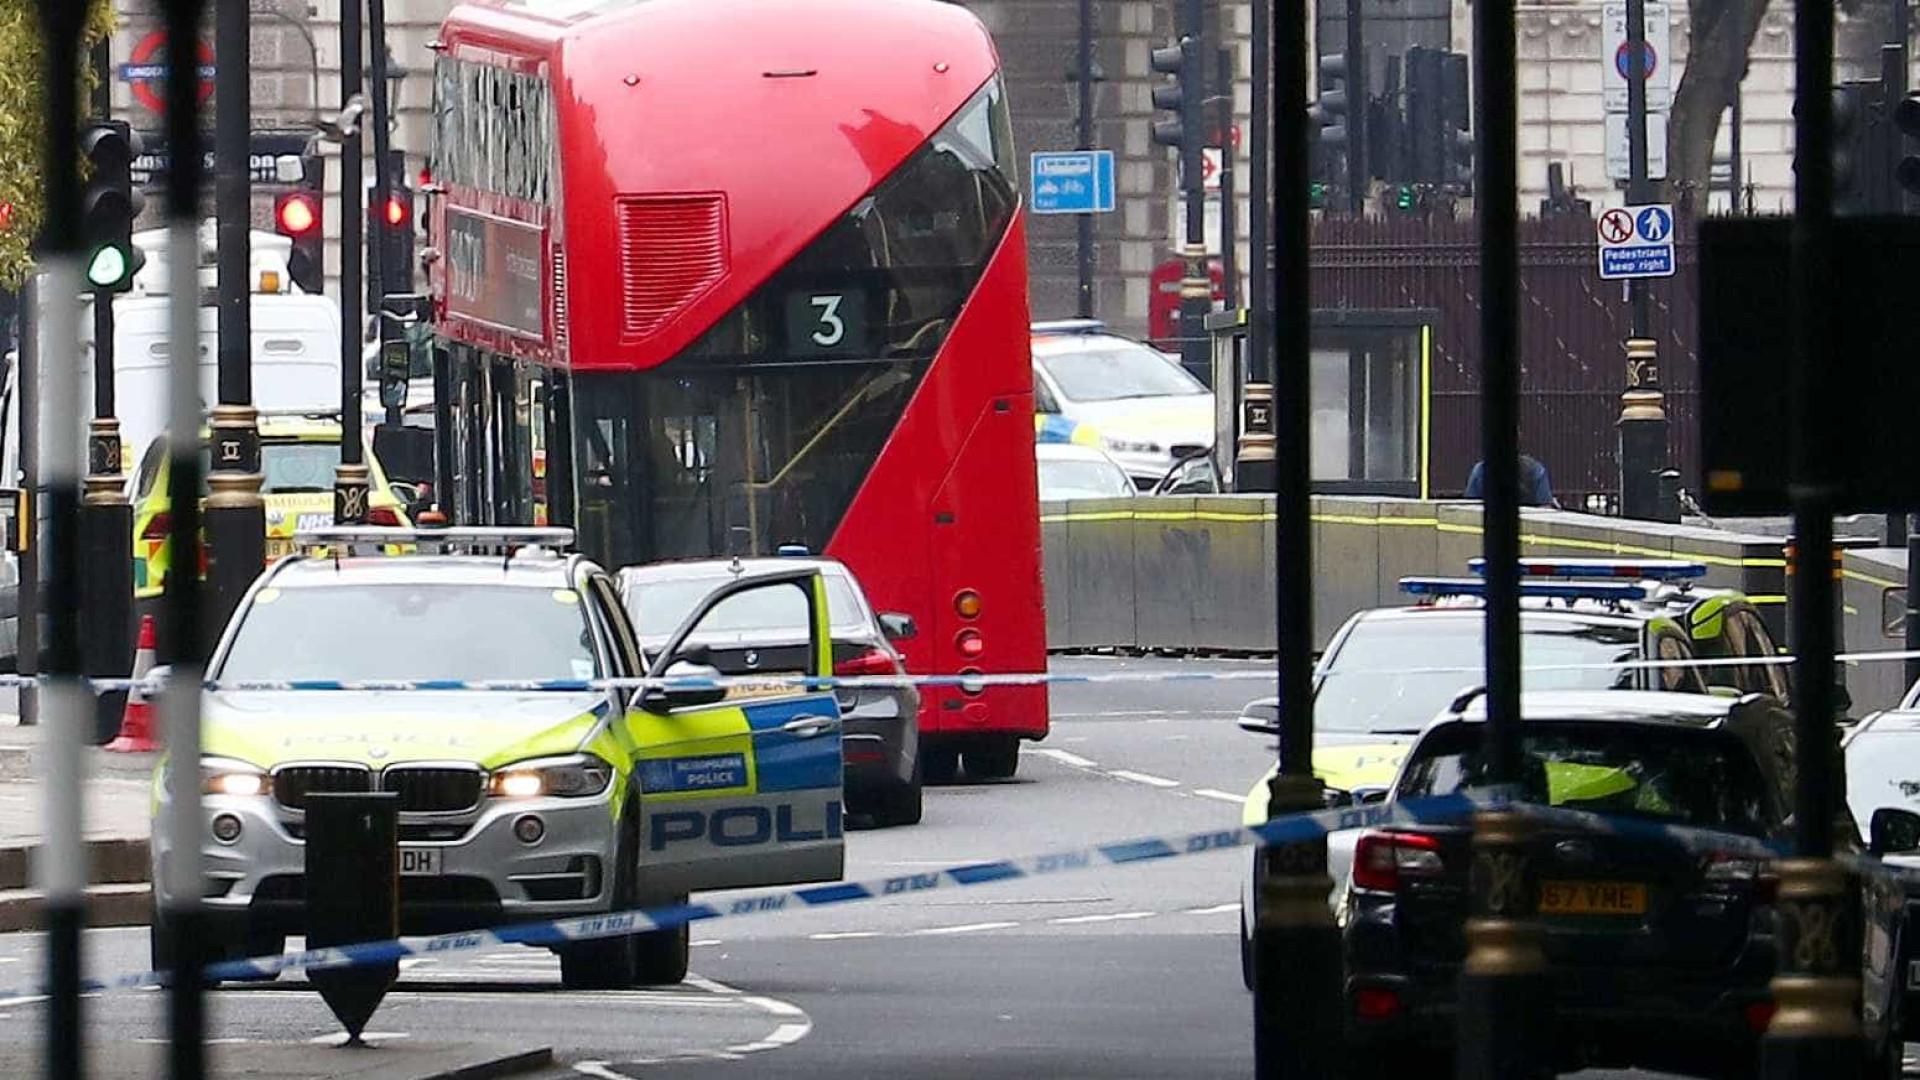 Suspeito de ataque em Londres é acusado por tentativa de assassinato